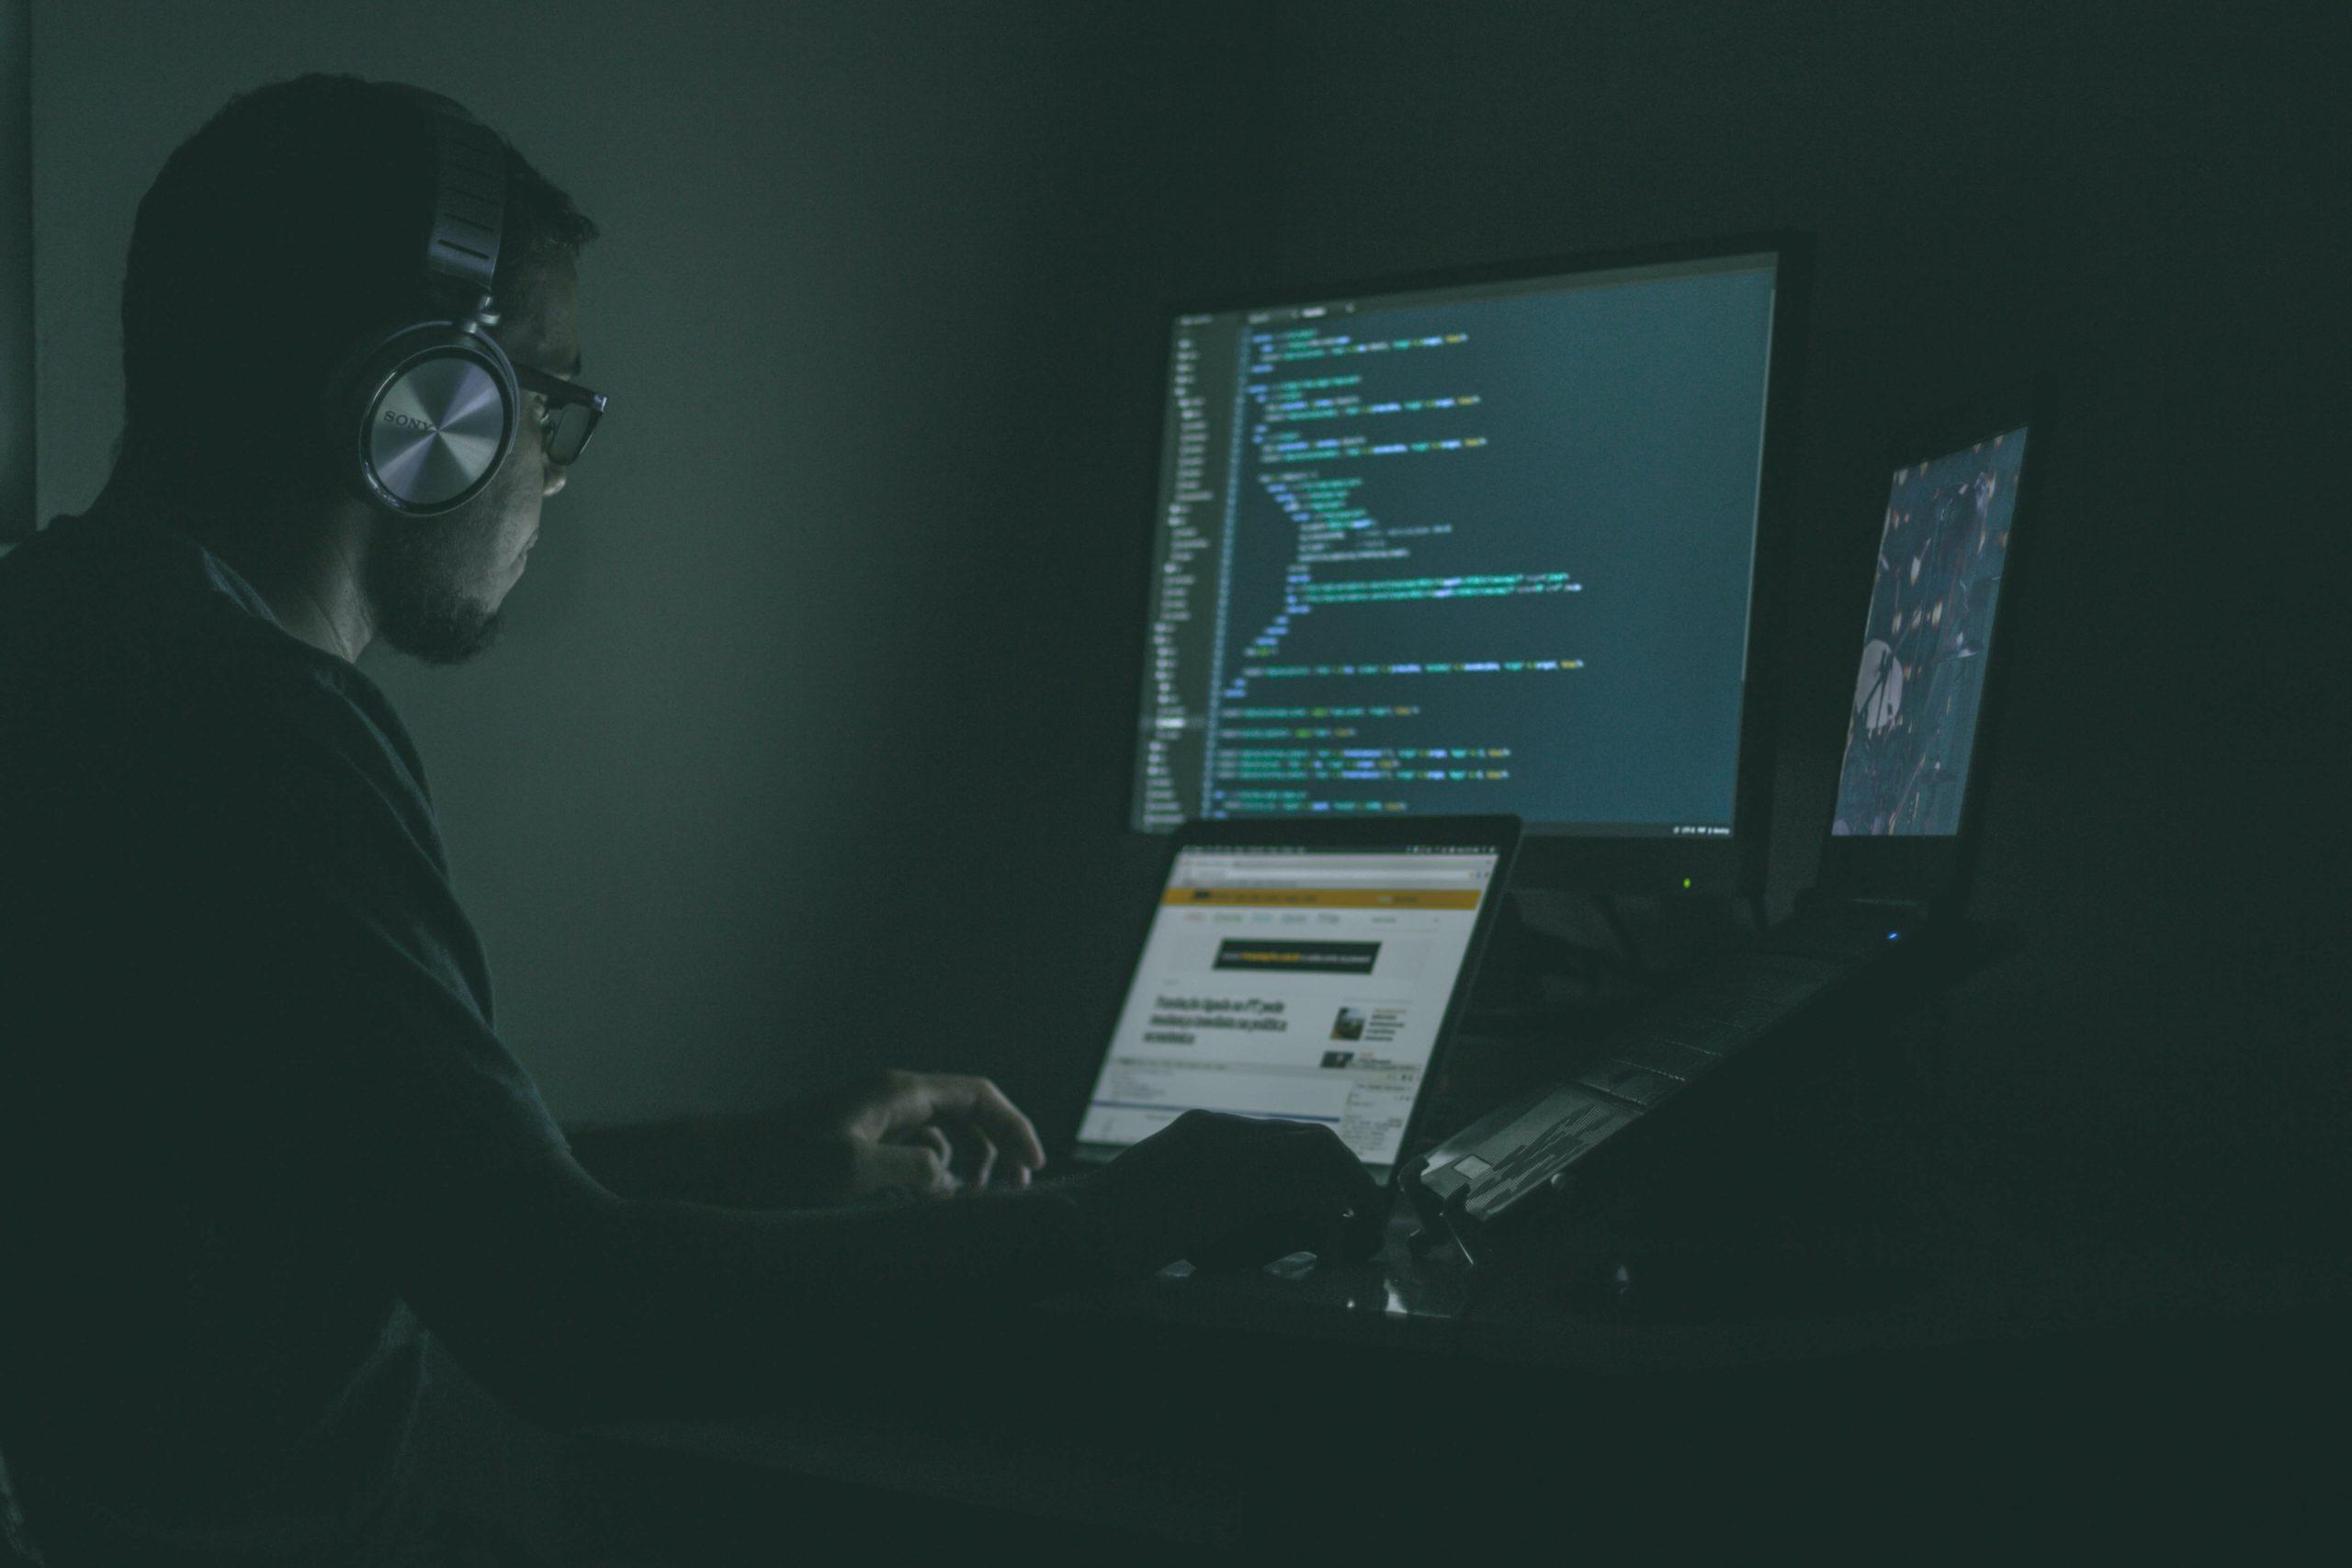 Mann sitz im dunklen Raum und hackt sich in Programme